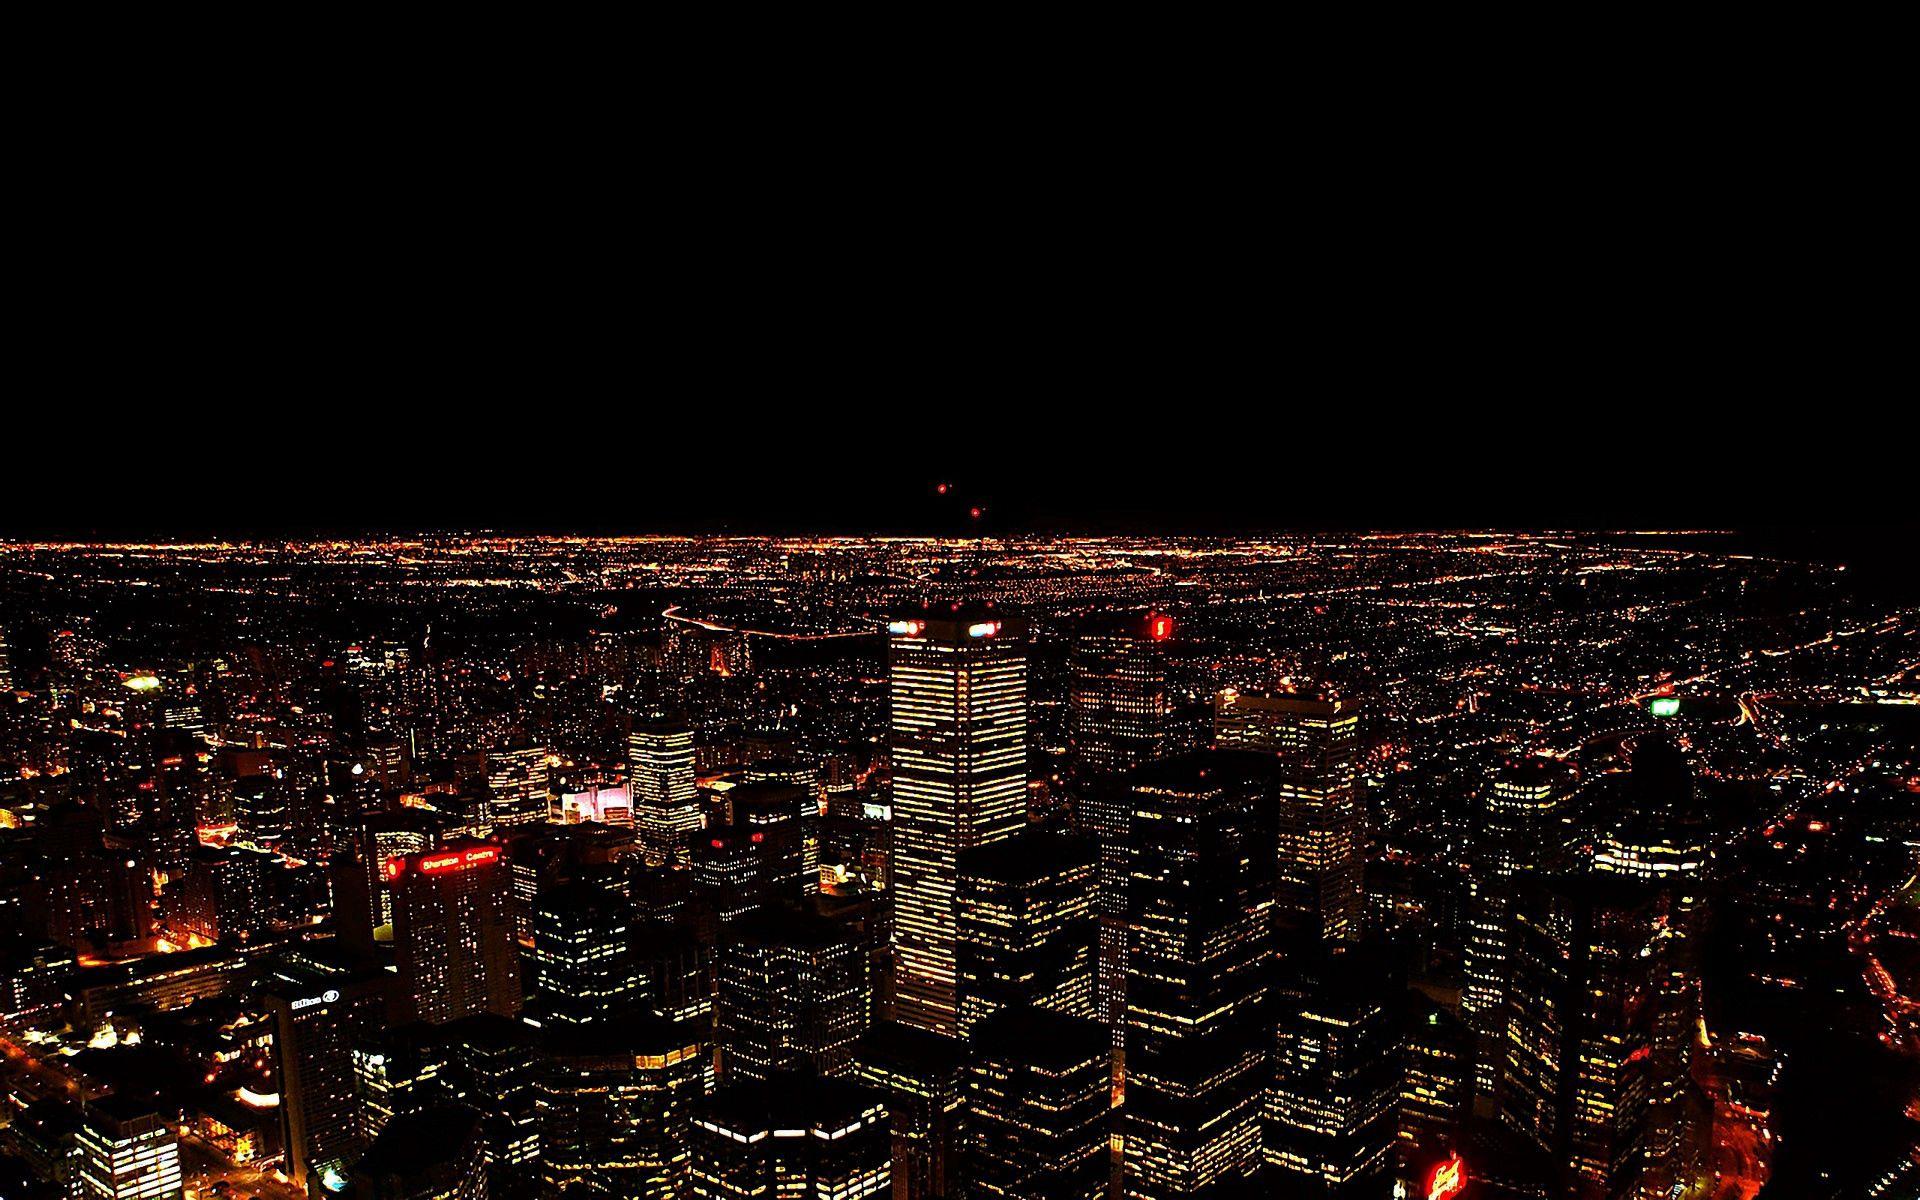 140724 скачать обои Города, Ночь, Город, Вид Сверху, Свет - заставки и картинки бесплатно